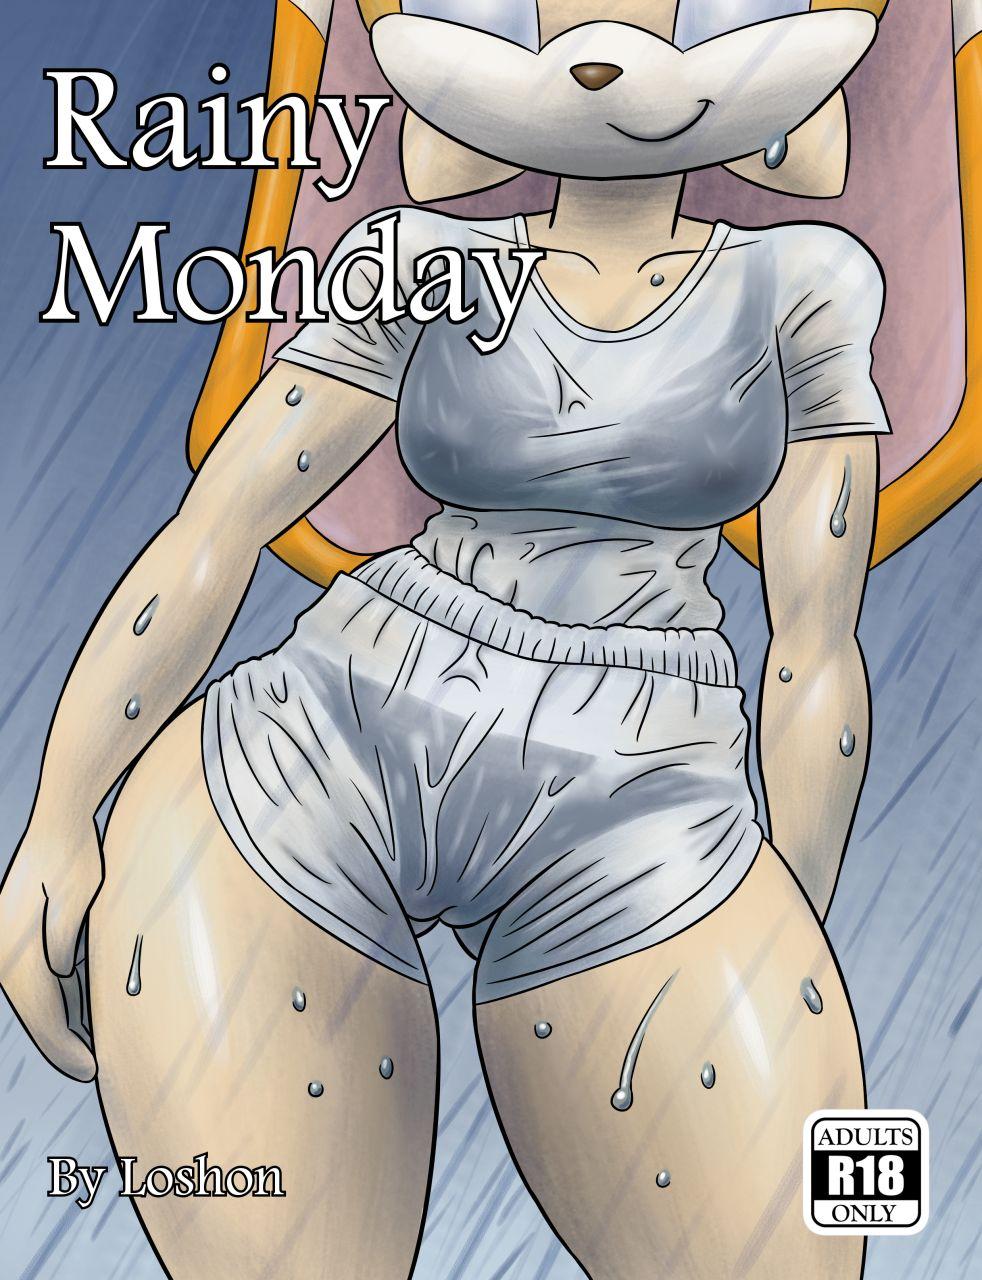 Дождливый понедельник, Соник - порно комиксы Без цензуры, Большая грудь, Герои из мультиков, Мастурбация, Минет